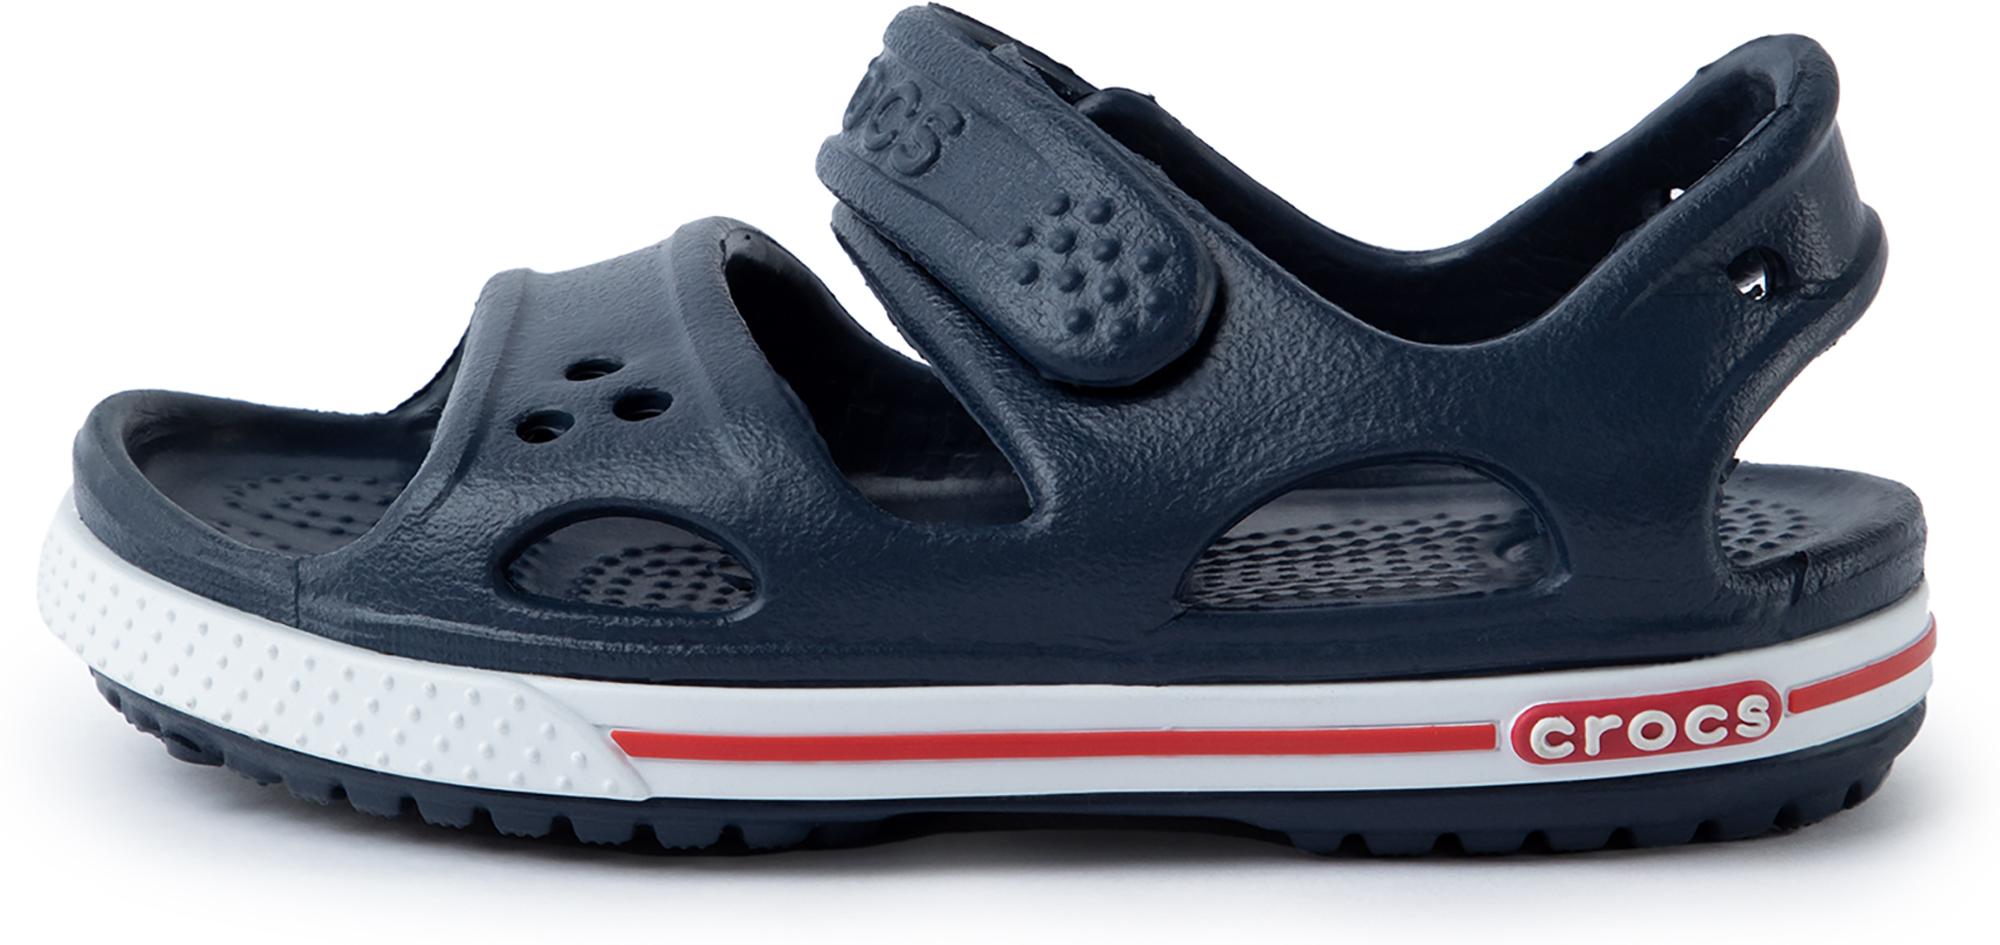 Crocs Сандалии для мальчиков Crocs Crocband II Sandal PS, размер 25 сланцы crocs crocs cr014auarqz1